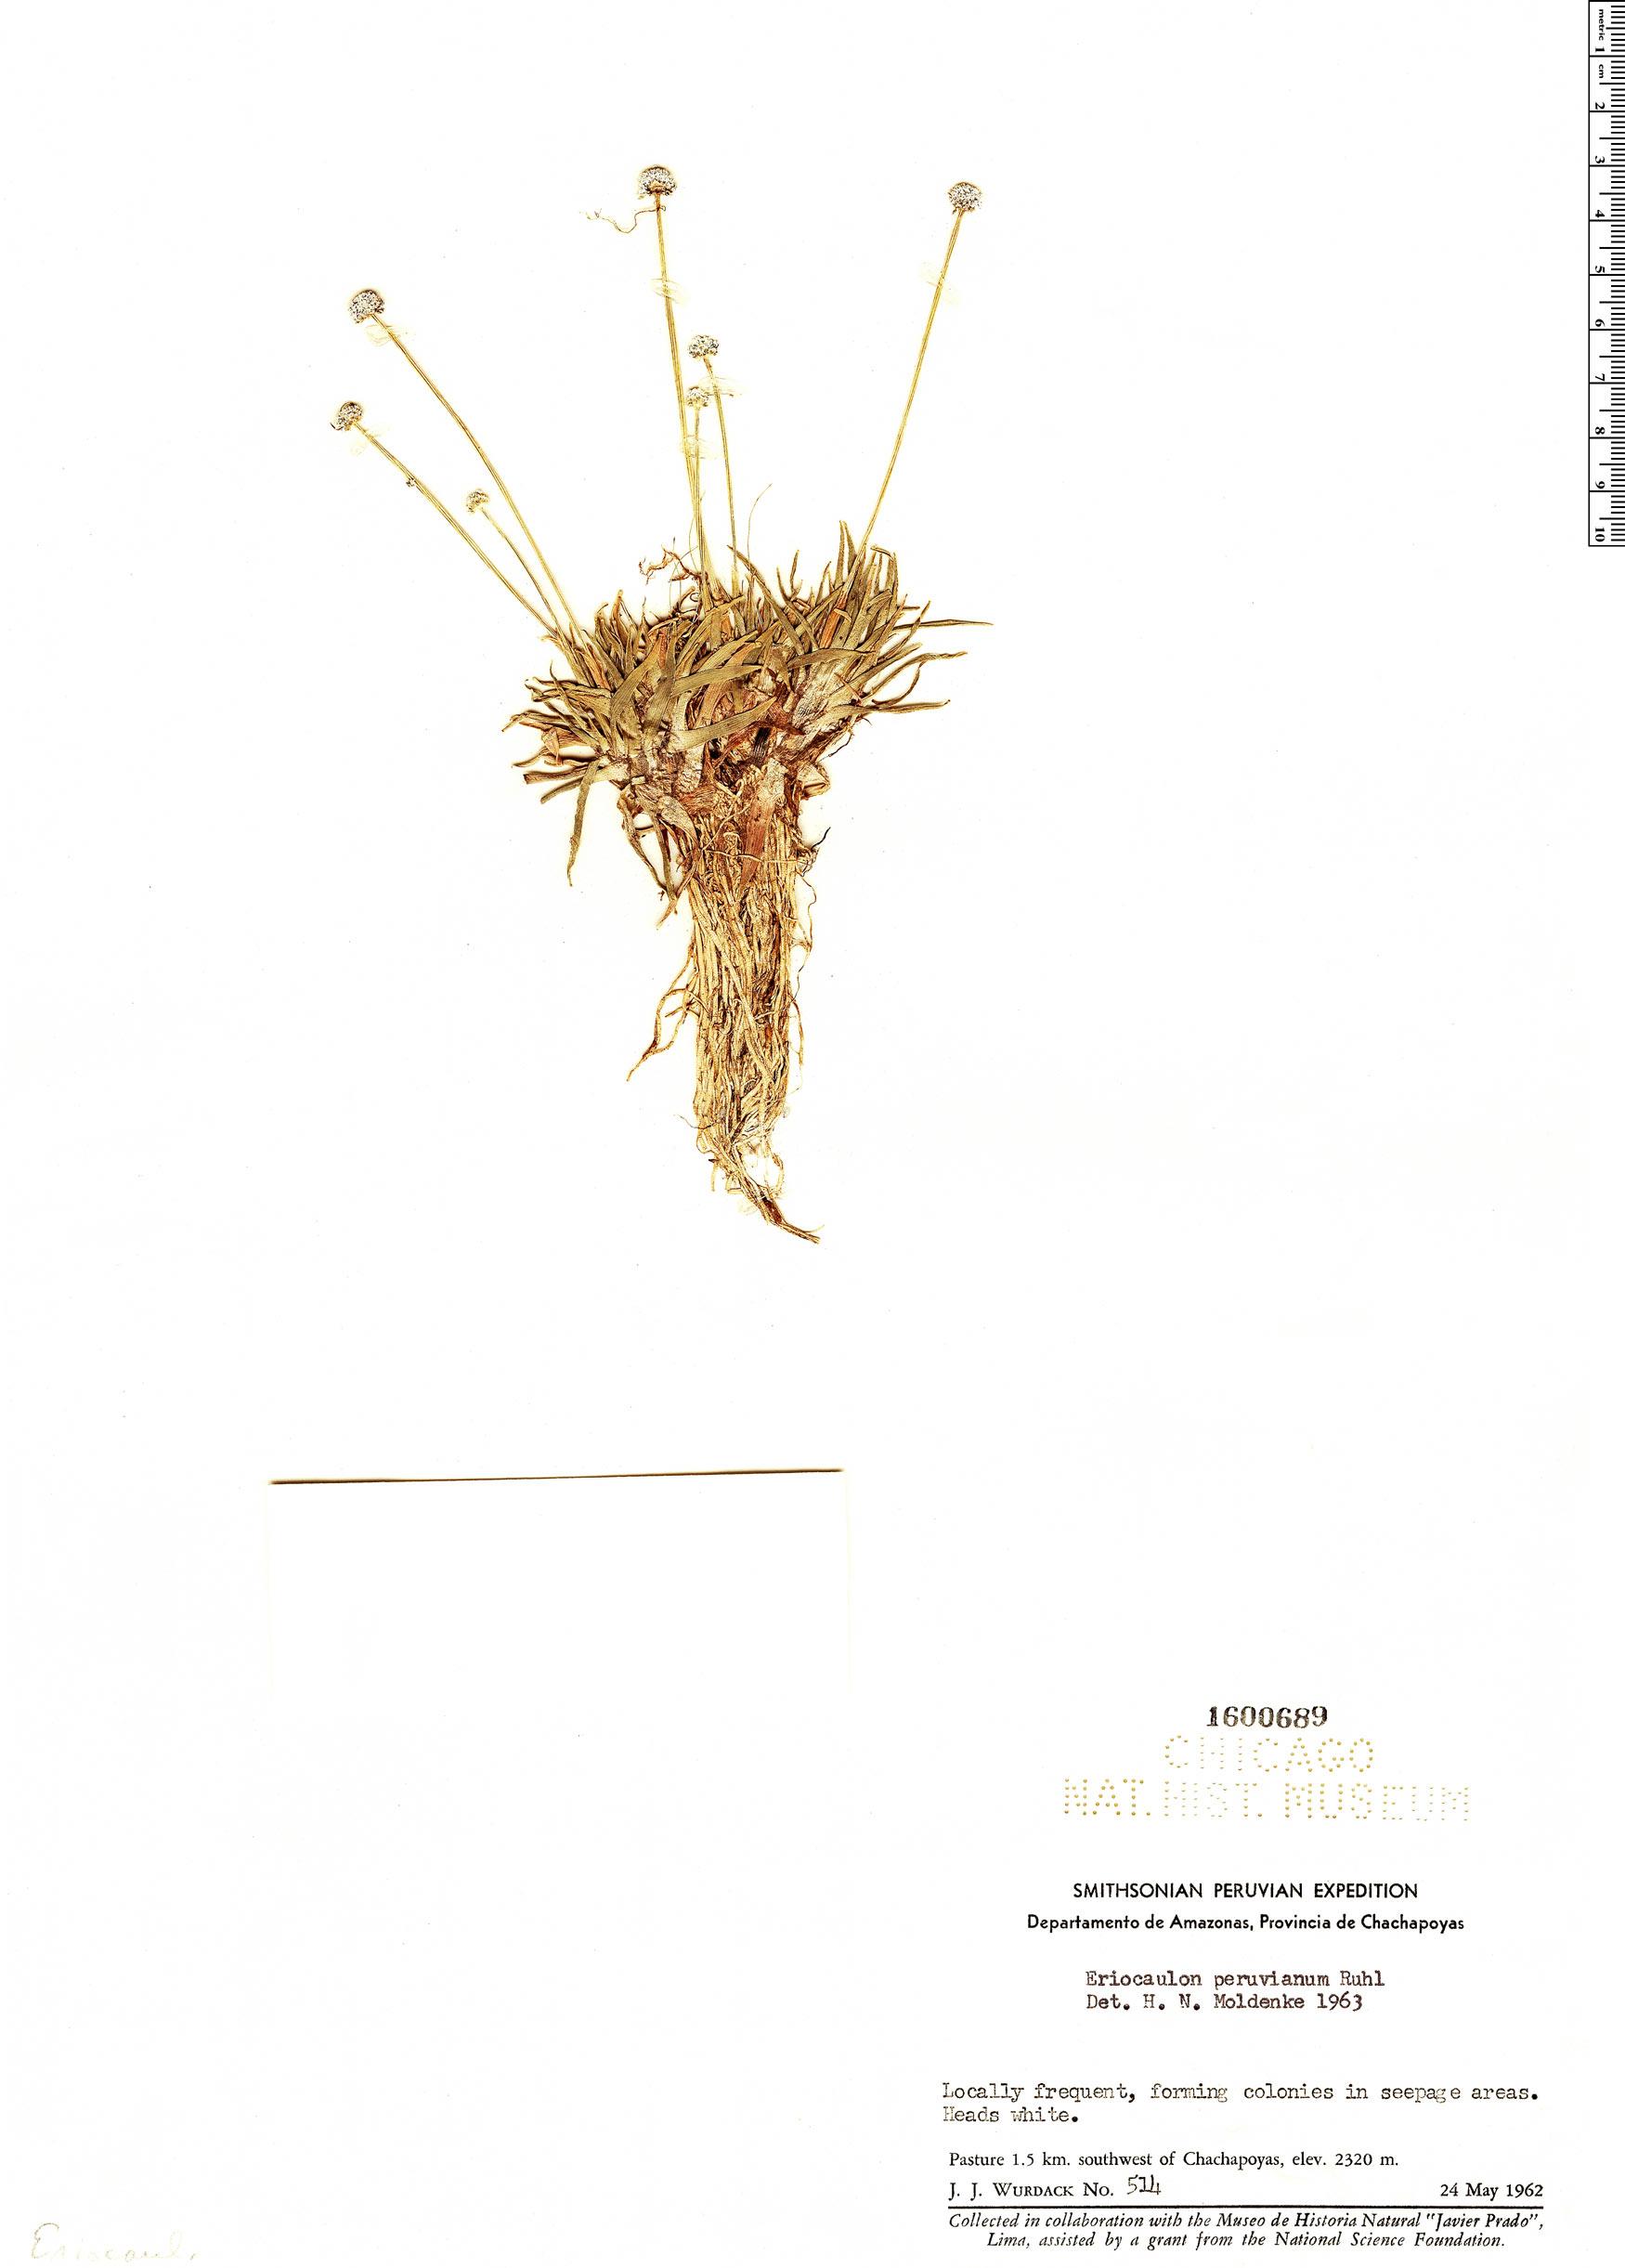 Specimen: Eriocaulon peruvianum